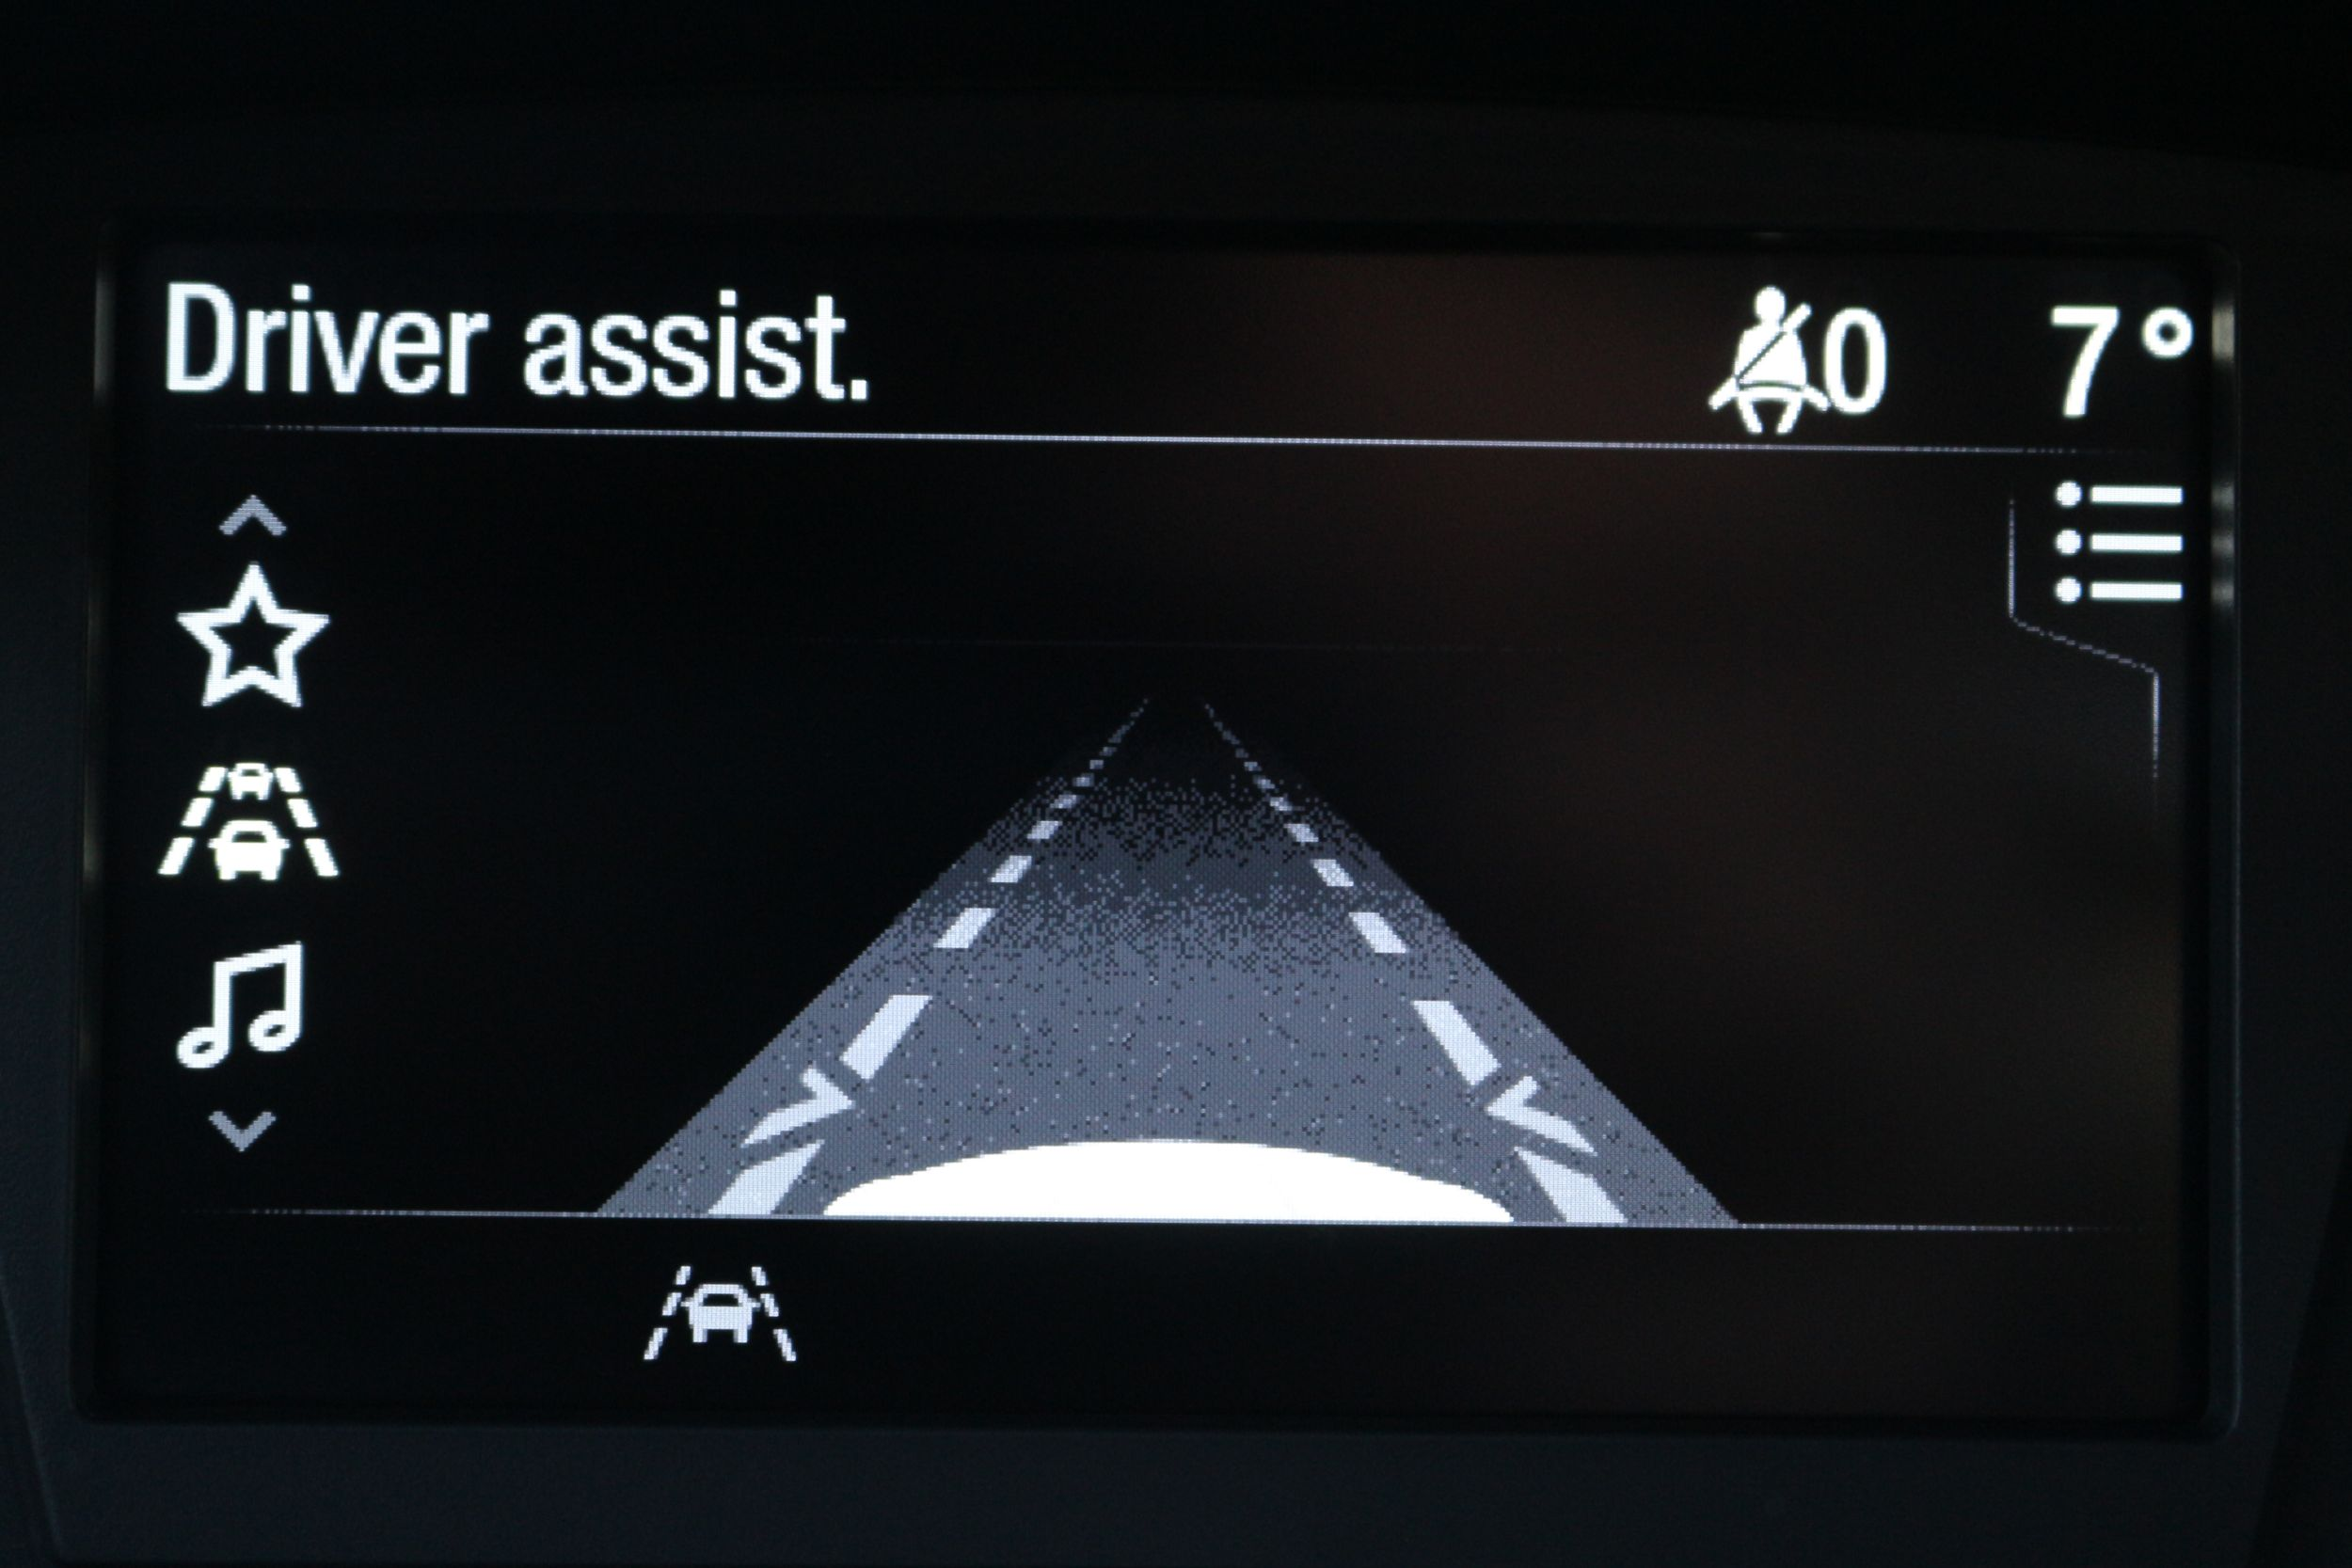 Ford Fiesta driver assist